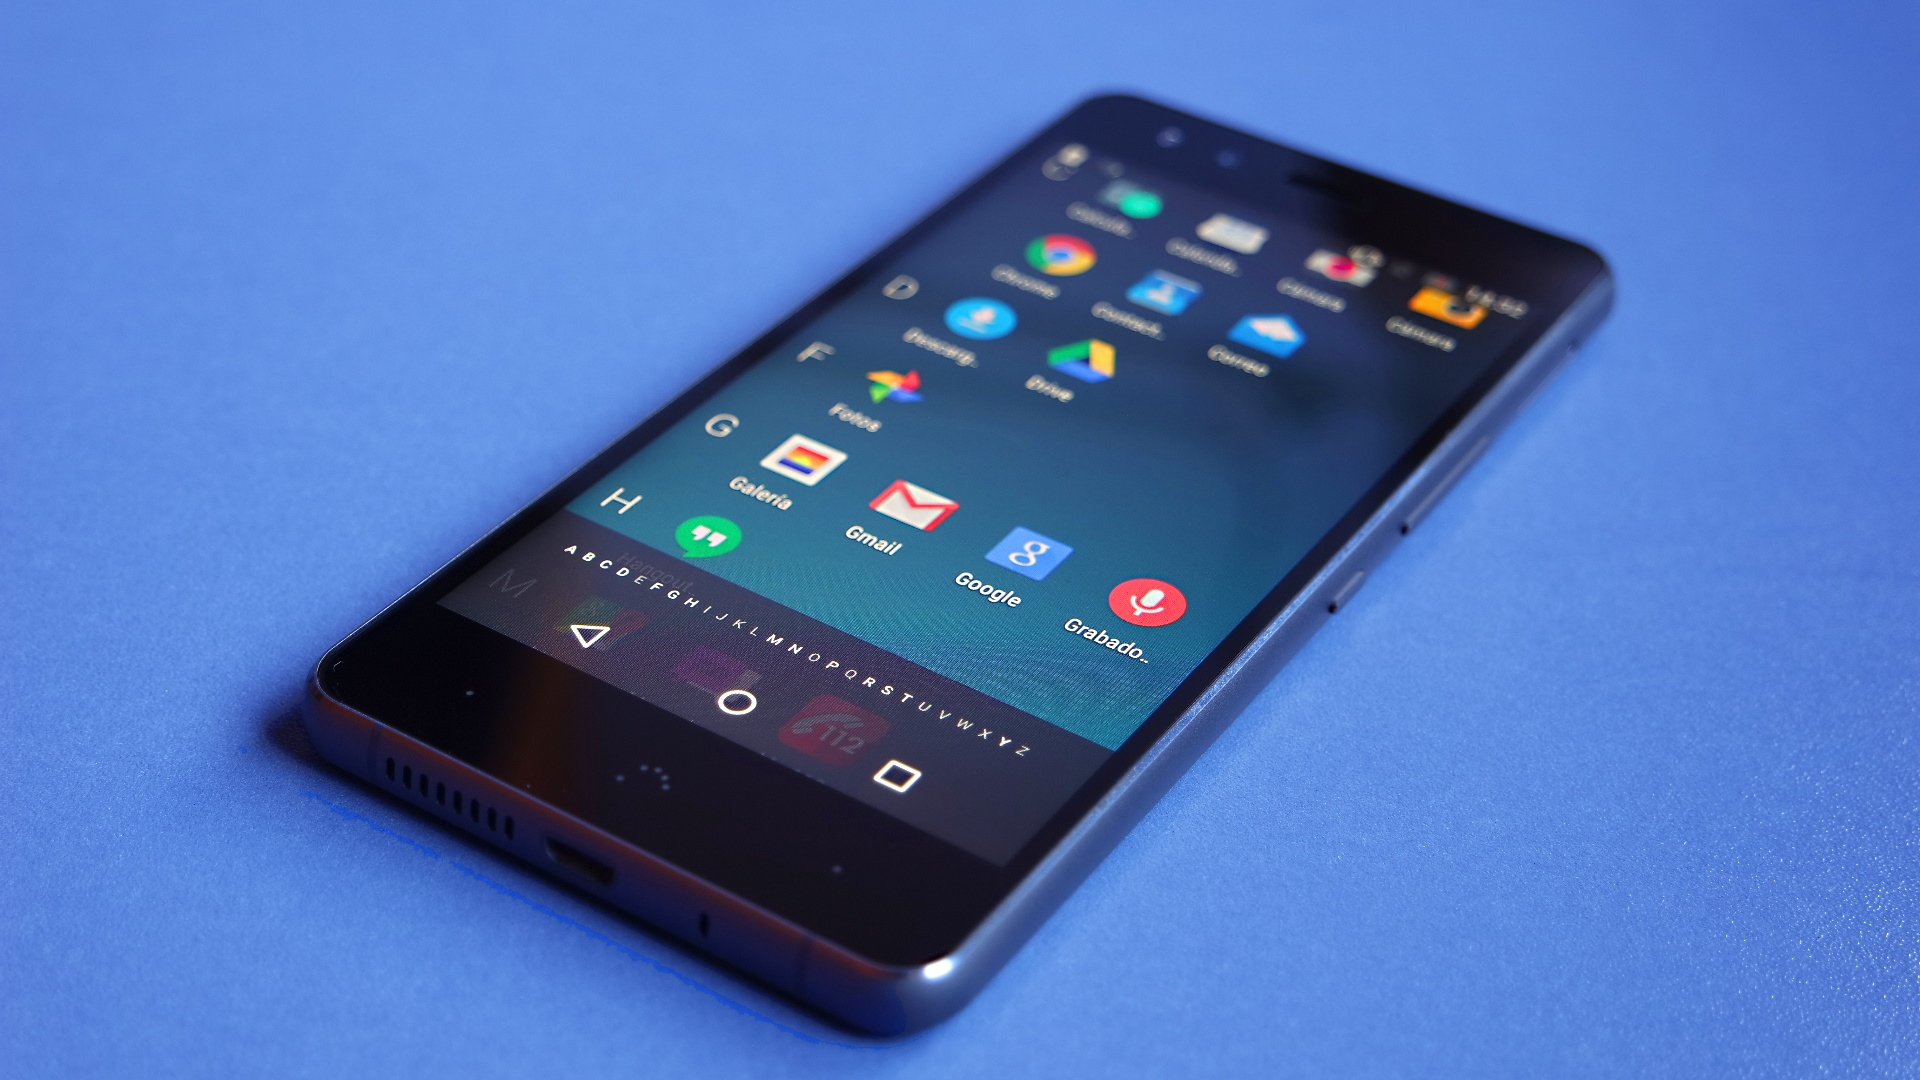 BQ Aquaris X5 Edición Cyanogen con fondo azul